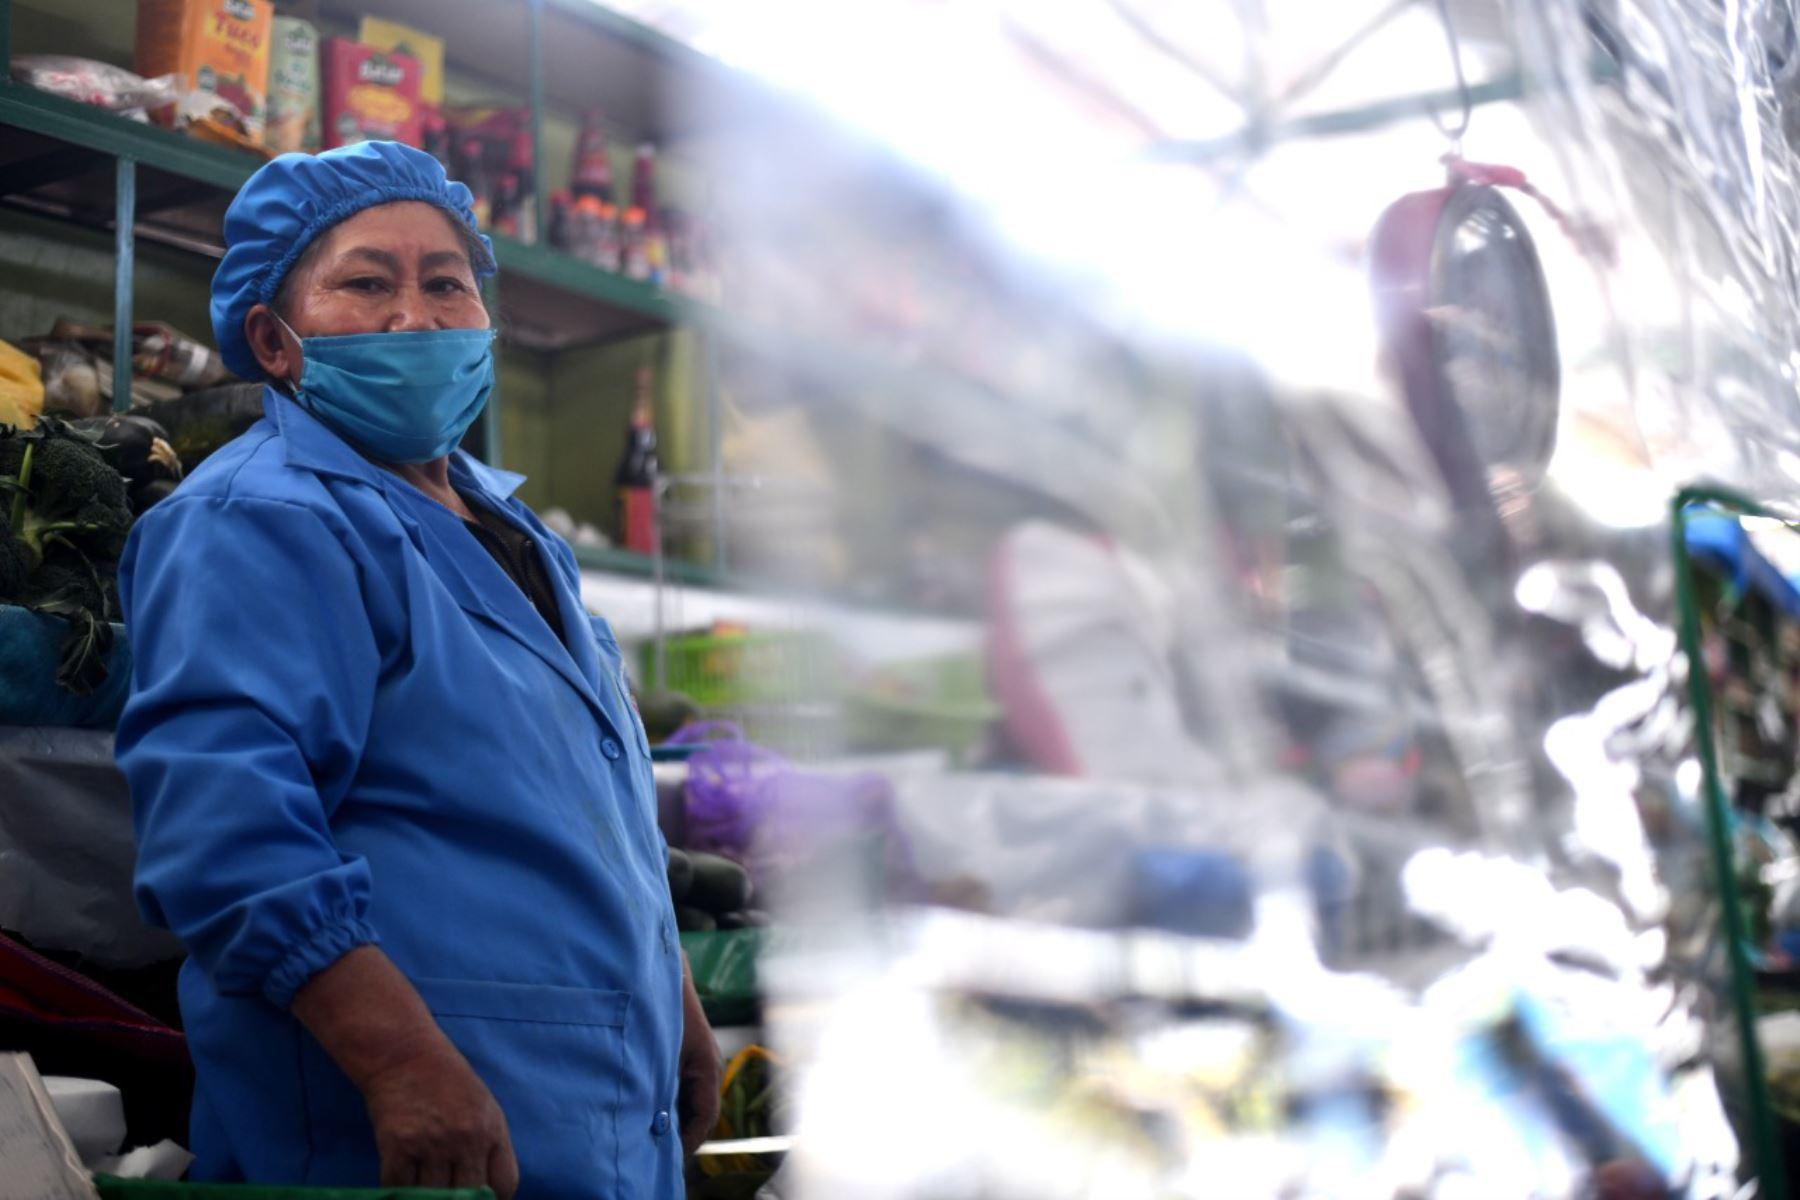 La feria El Altiplano de Arequipa  abre sus puertas al público, tras ser clausurada por el El Comando Regional covid -19 de Arequipa. Foto: Cortesía Diego Ramos Lupo